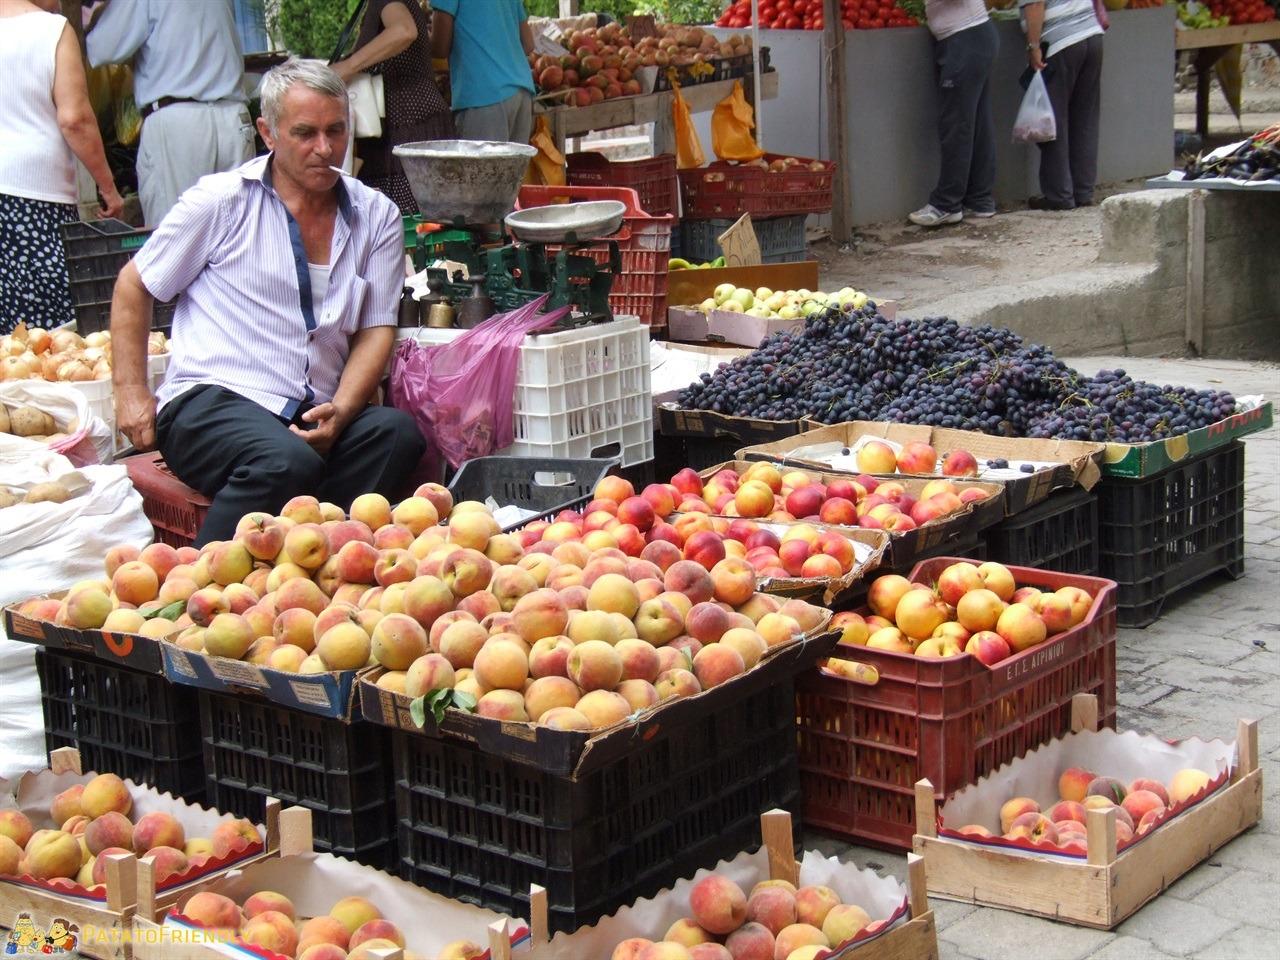 Viaggio in Albania - Il mercato della frutta di Tirana dove comprare specialità albanesi